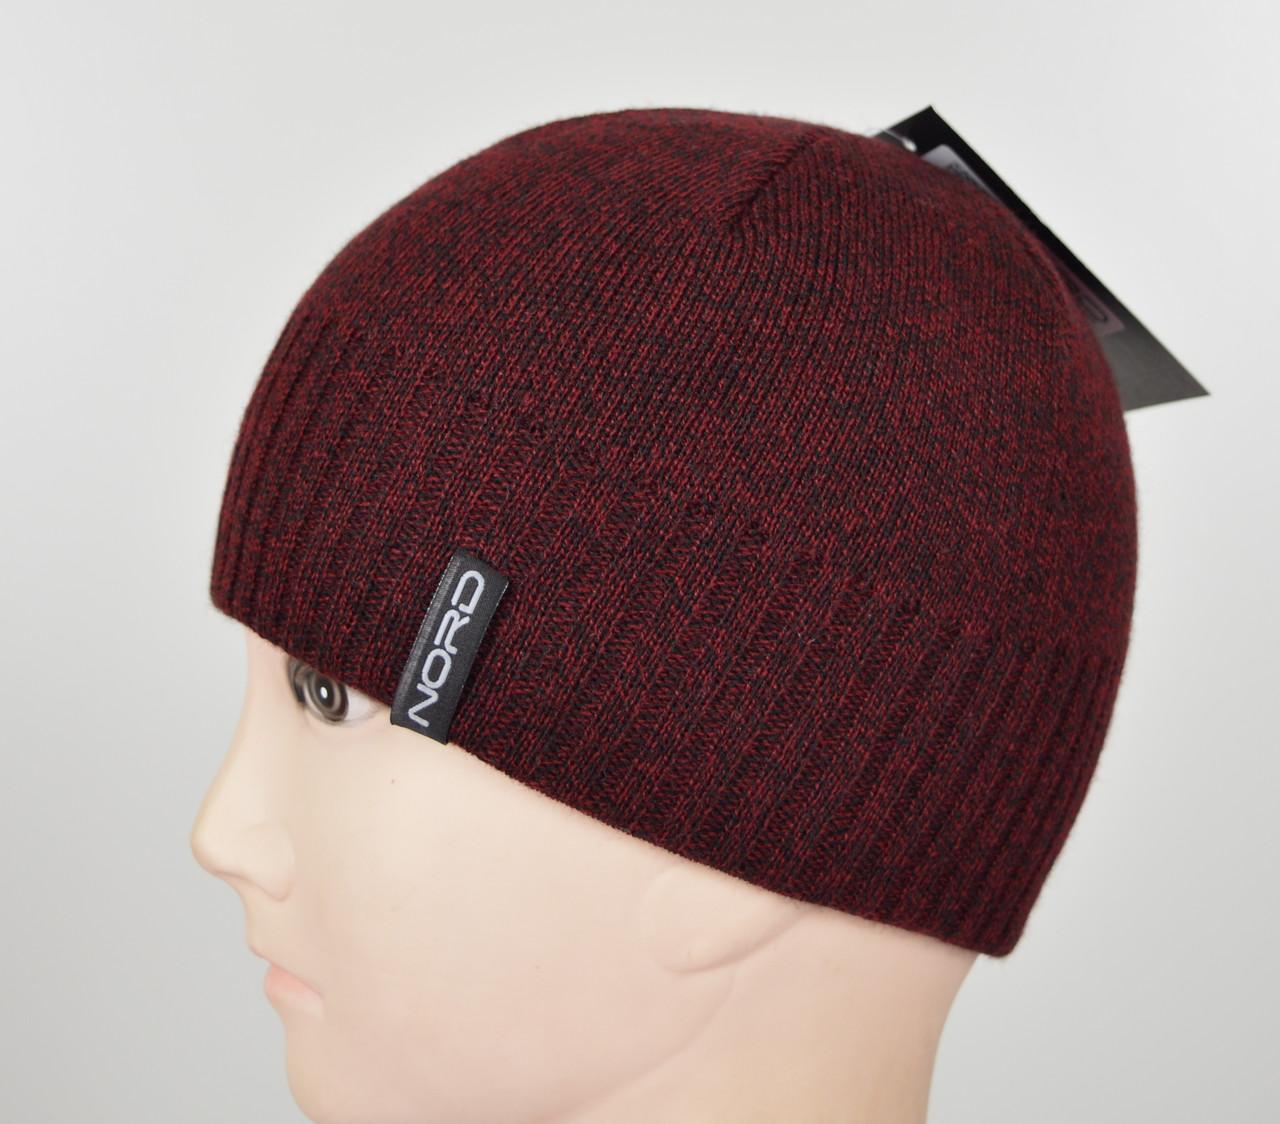 Мужская шапка Nord S-1801 бордо